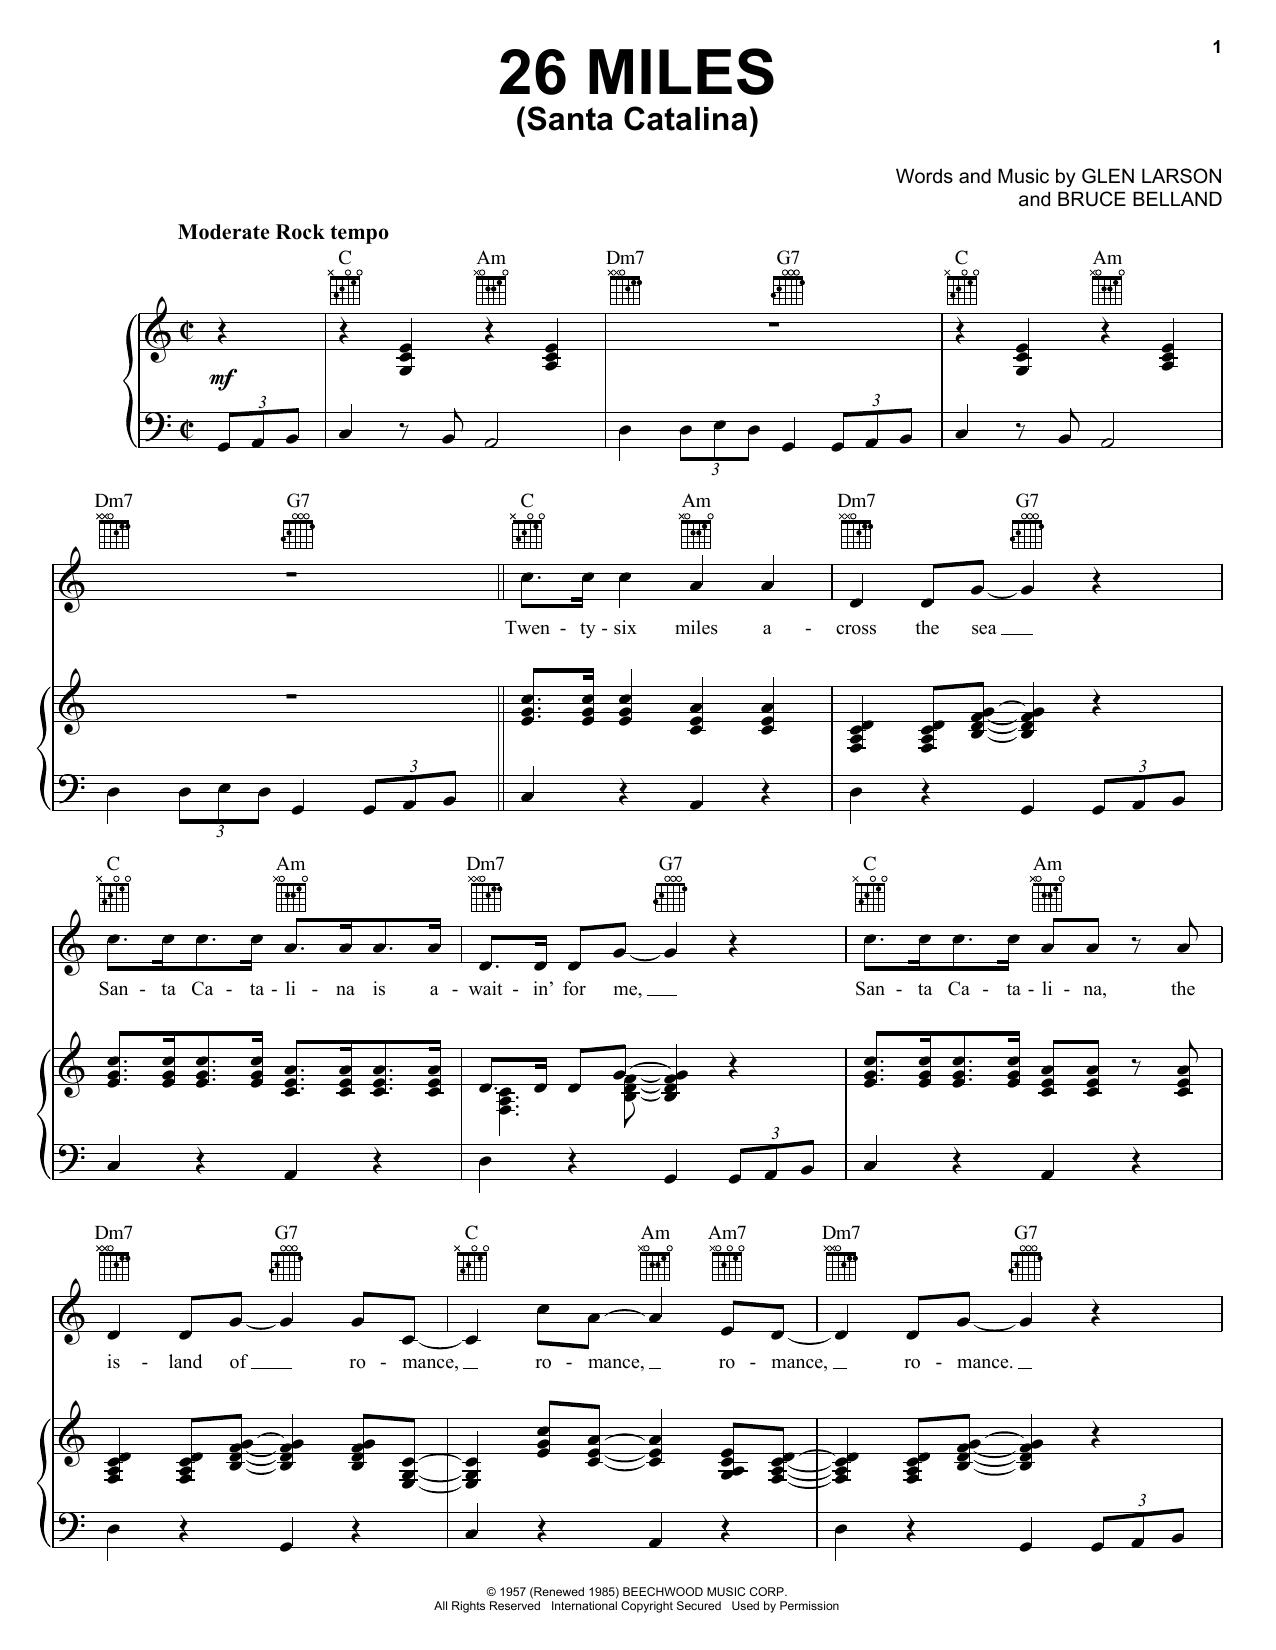 26 Miles (Santa Catalina) sheet music